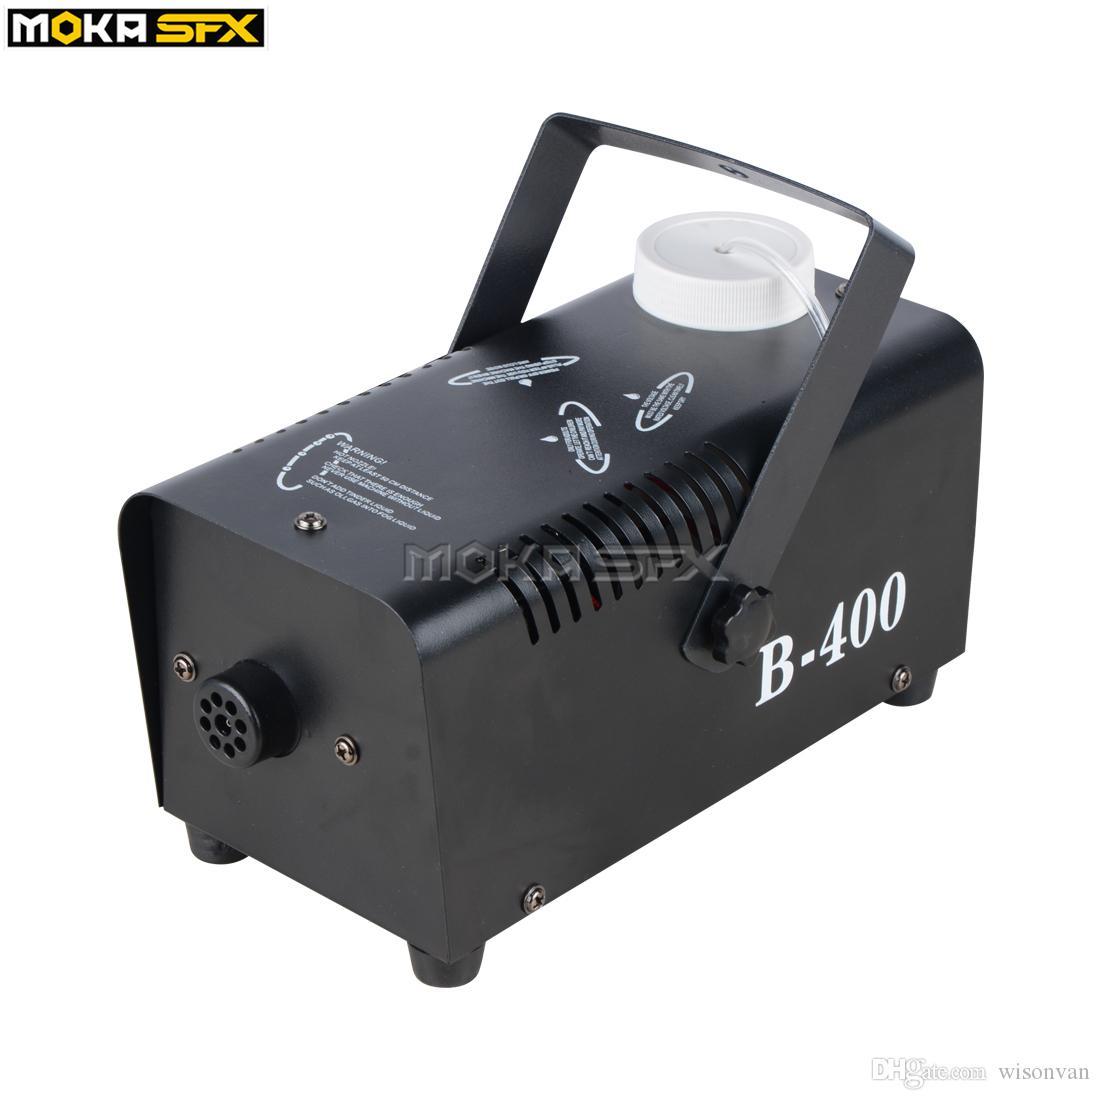 Moka MK-F09 DJ Stage Smoke Fog Effect Machine 400W UpSpray Fogger Wireless Remote Control for Stage Effect